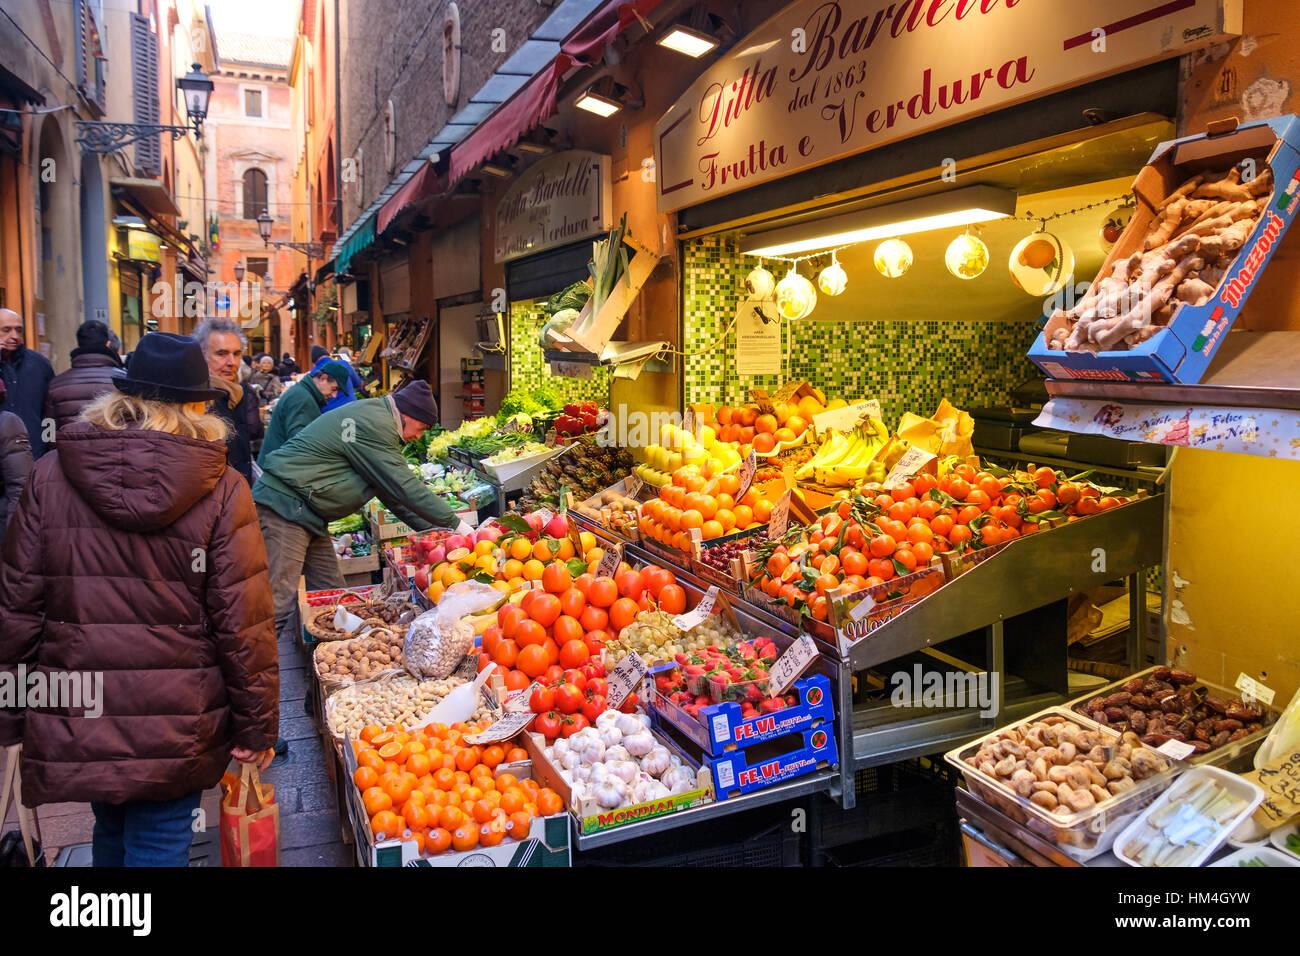 Cuadrilátero de Bolonia Italia mercado fruterías mostrar frutos en Via Pescherie Vecchie Foto de stock